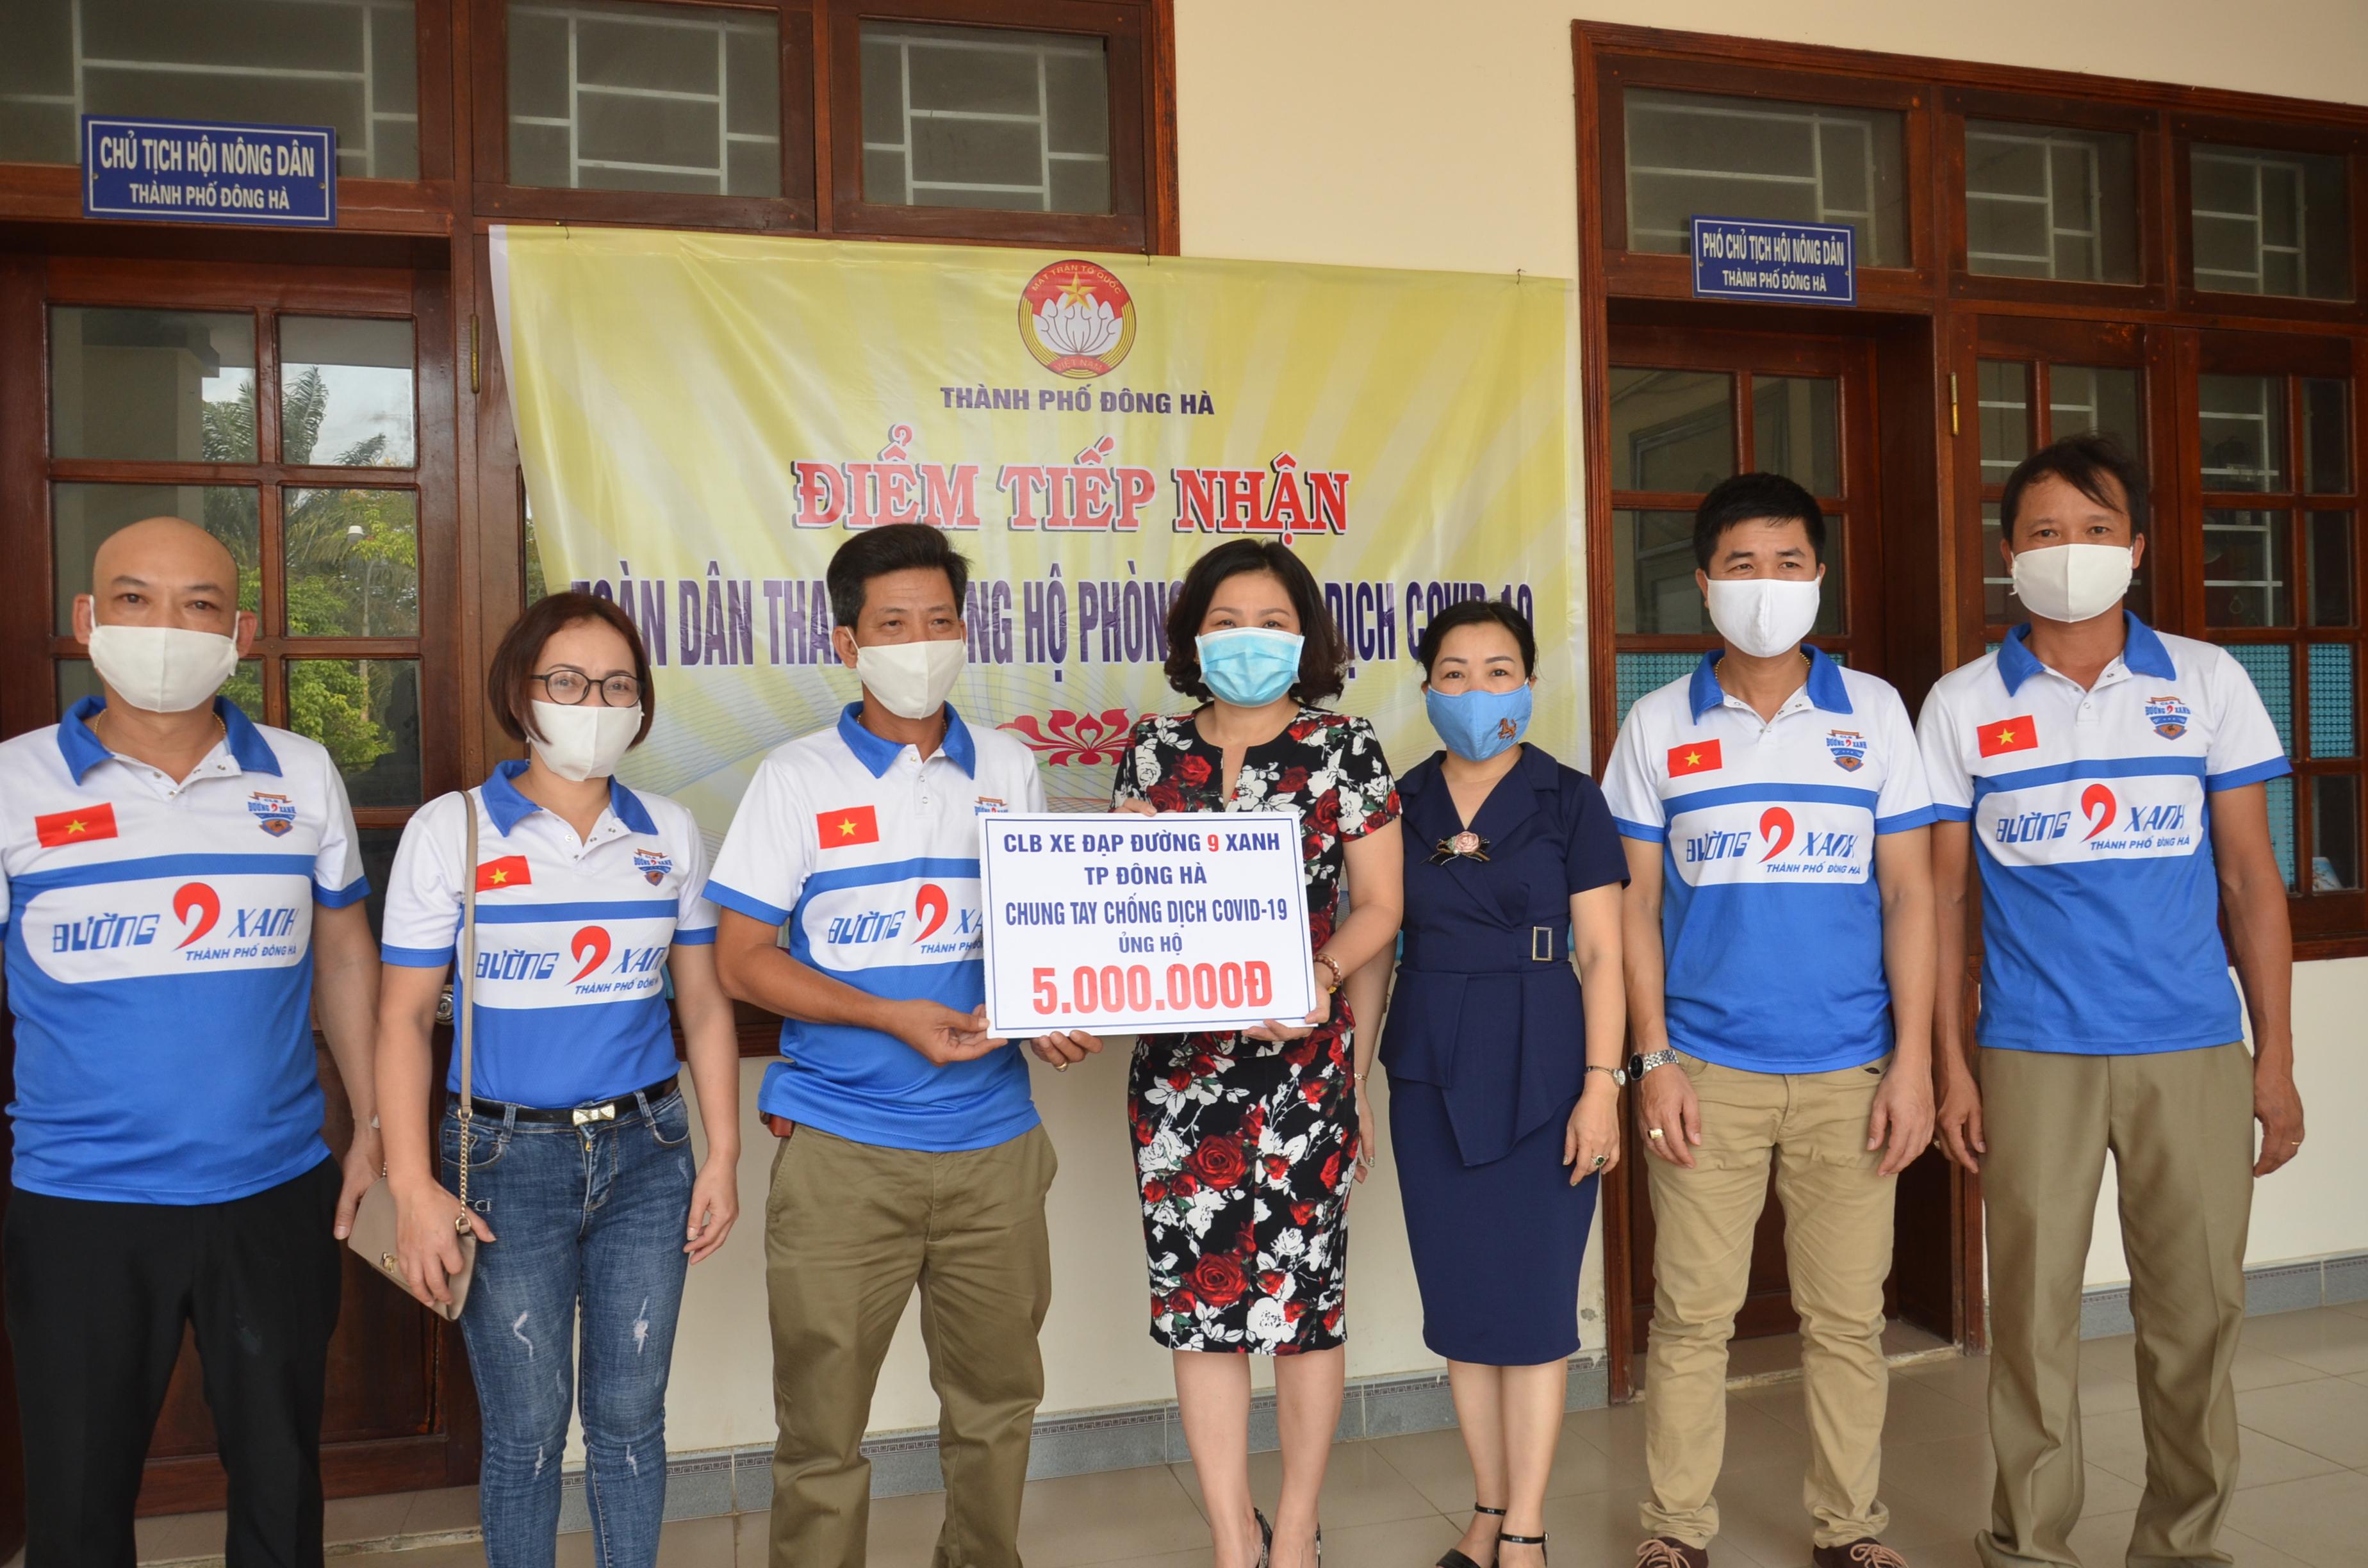 Quảng Trị: Nhiều tổ chức, cá nhân ủng hộ phòng chống COVID-19